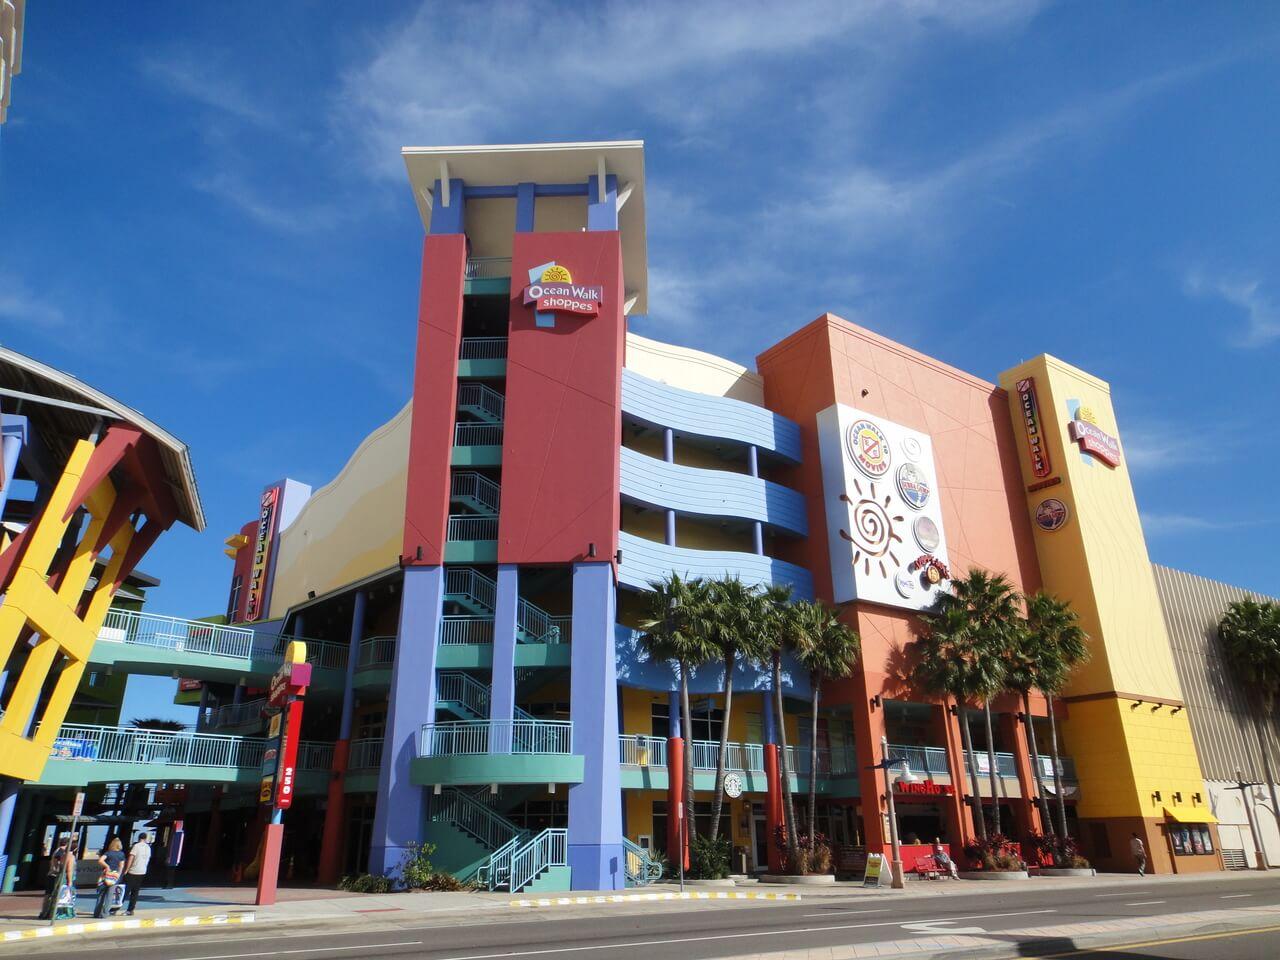 Compras em Daytona Beach: Ocean Walk Shoppes and Movies